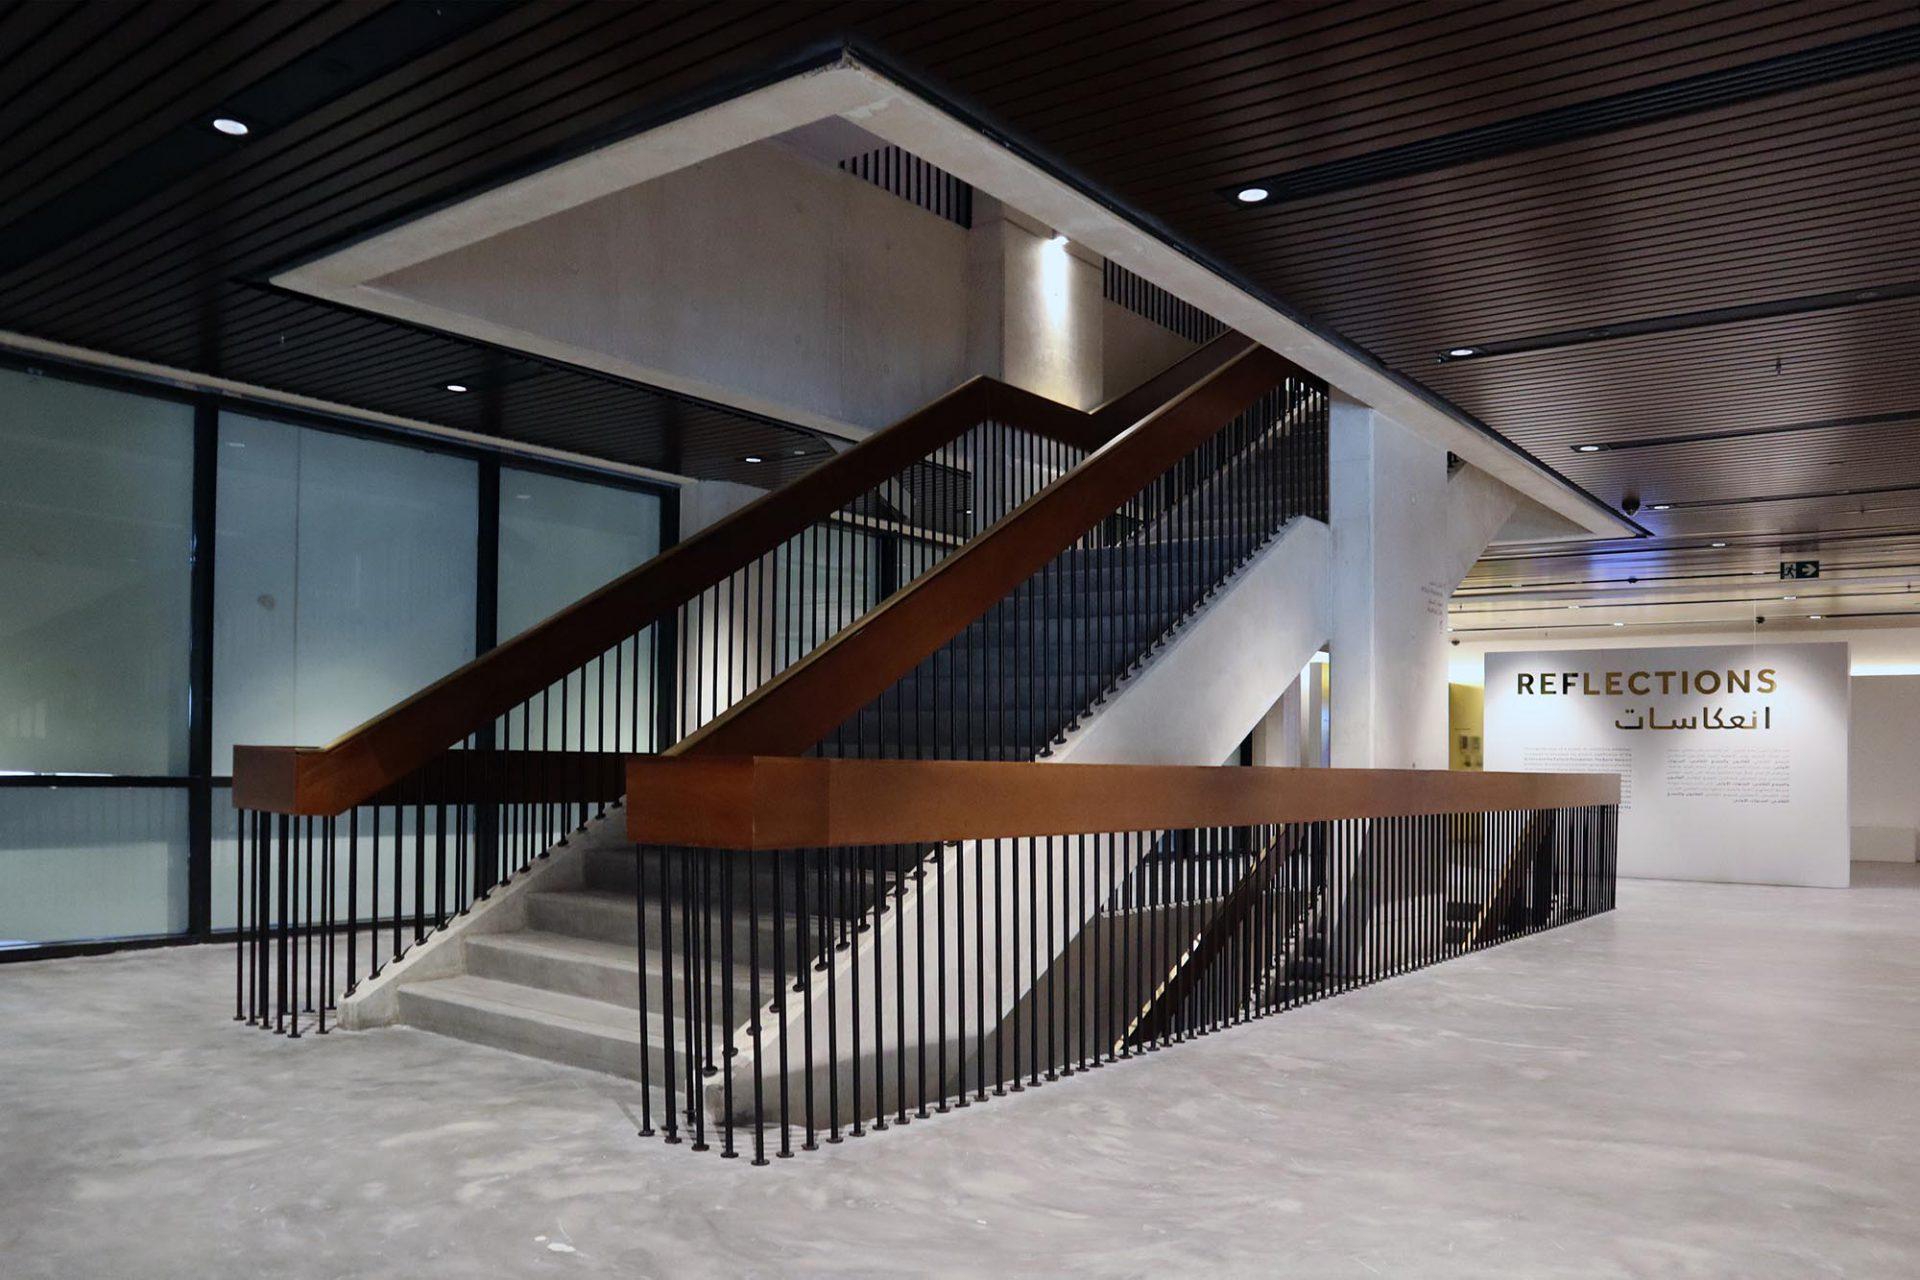 Cultural Foundation. Der Treppenlauf in der Ästhetik der späten 1970er-Jahre.